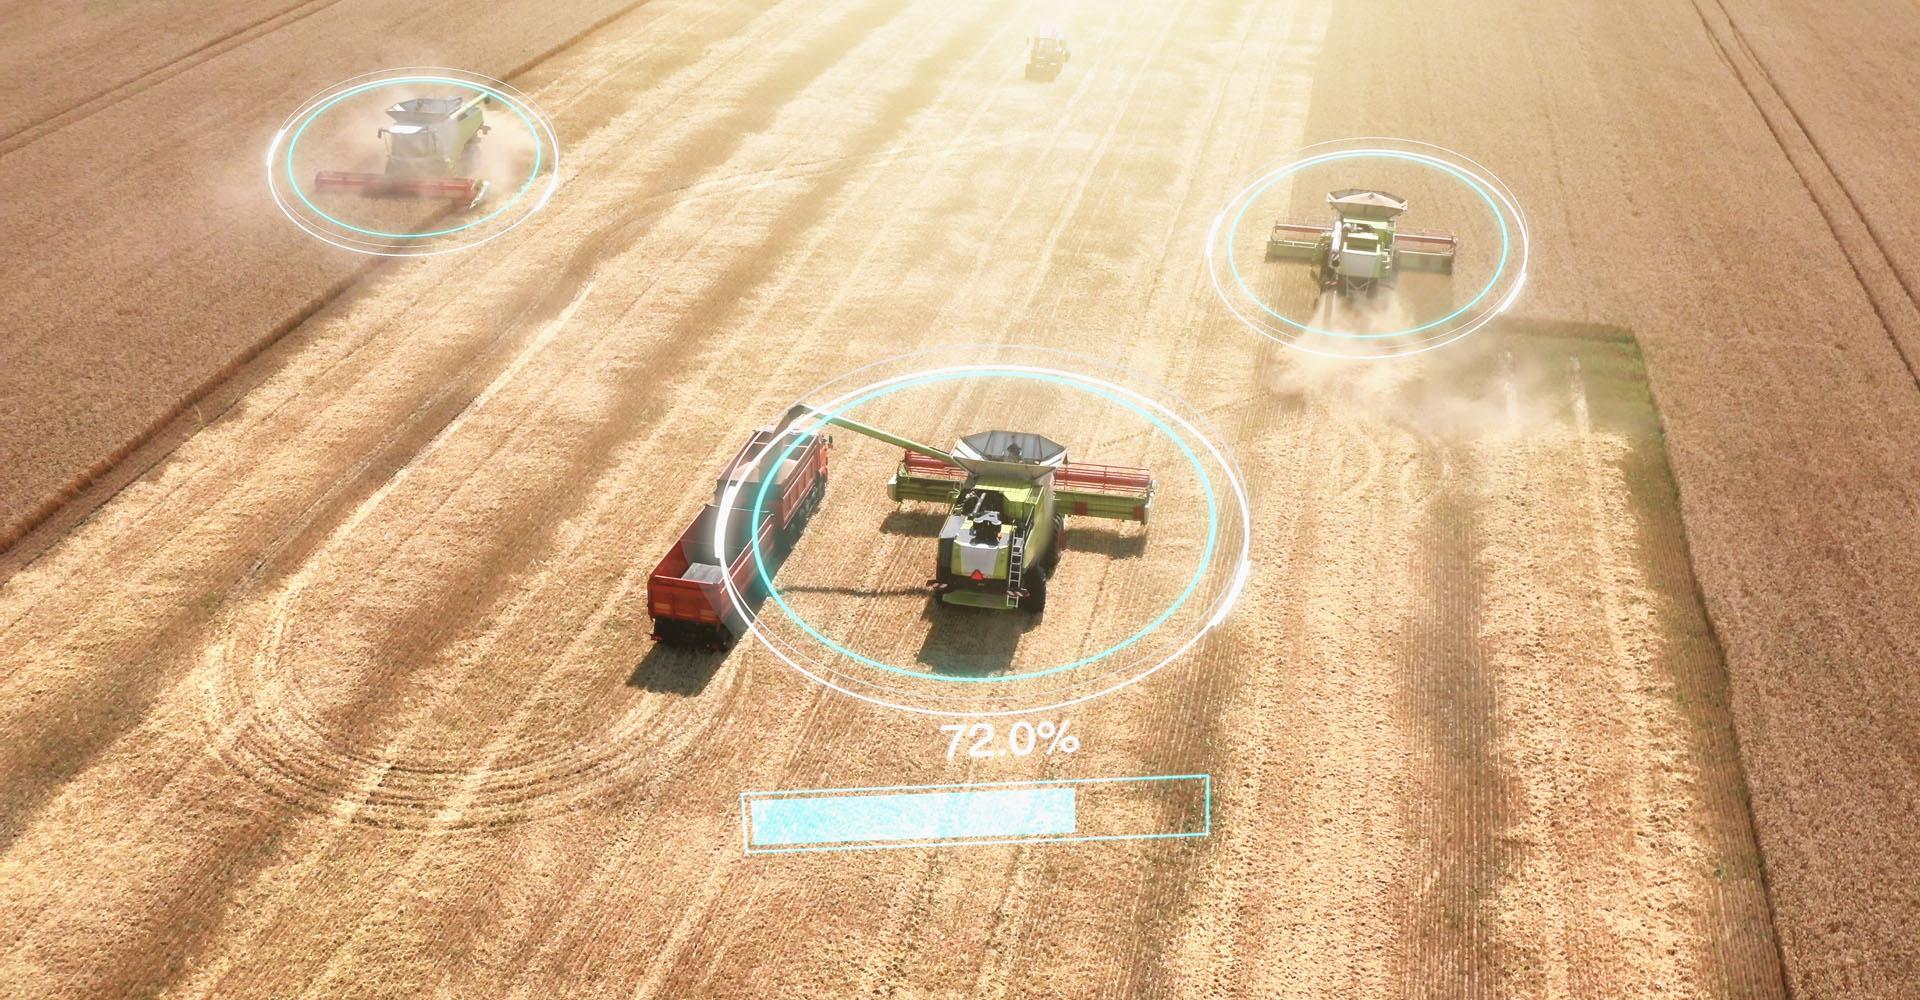 Symbolbild mit Mähdreschern, die ein Feld automatisiert abernten